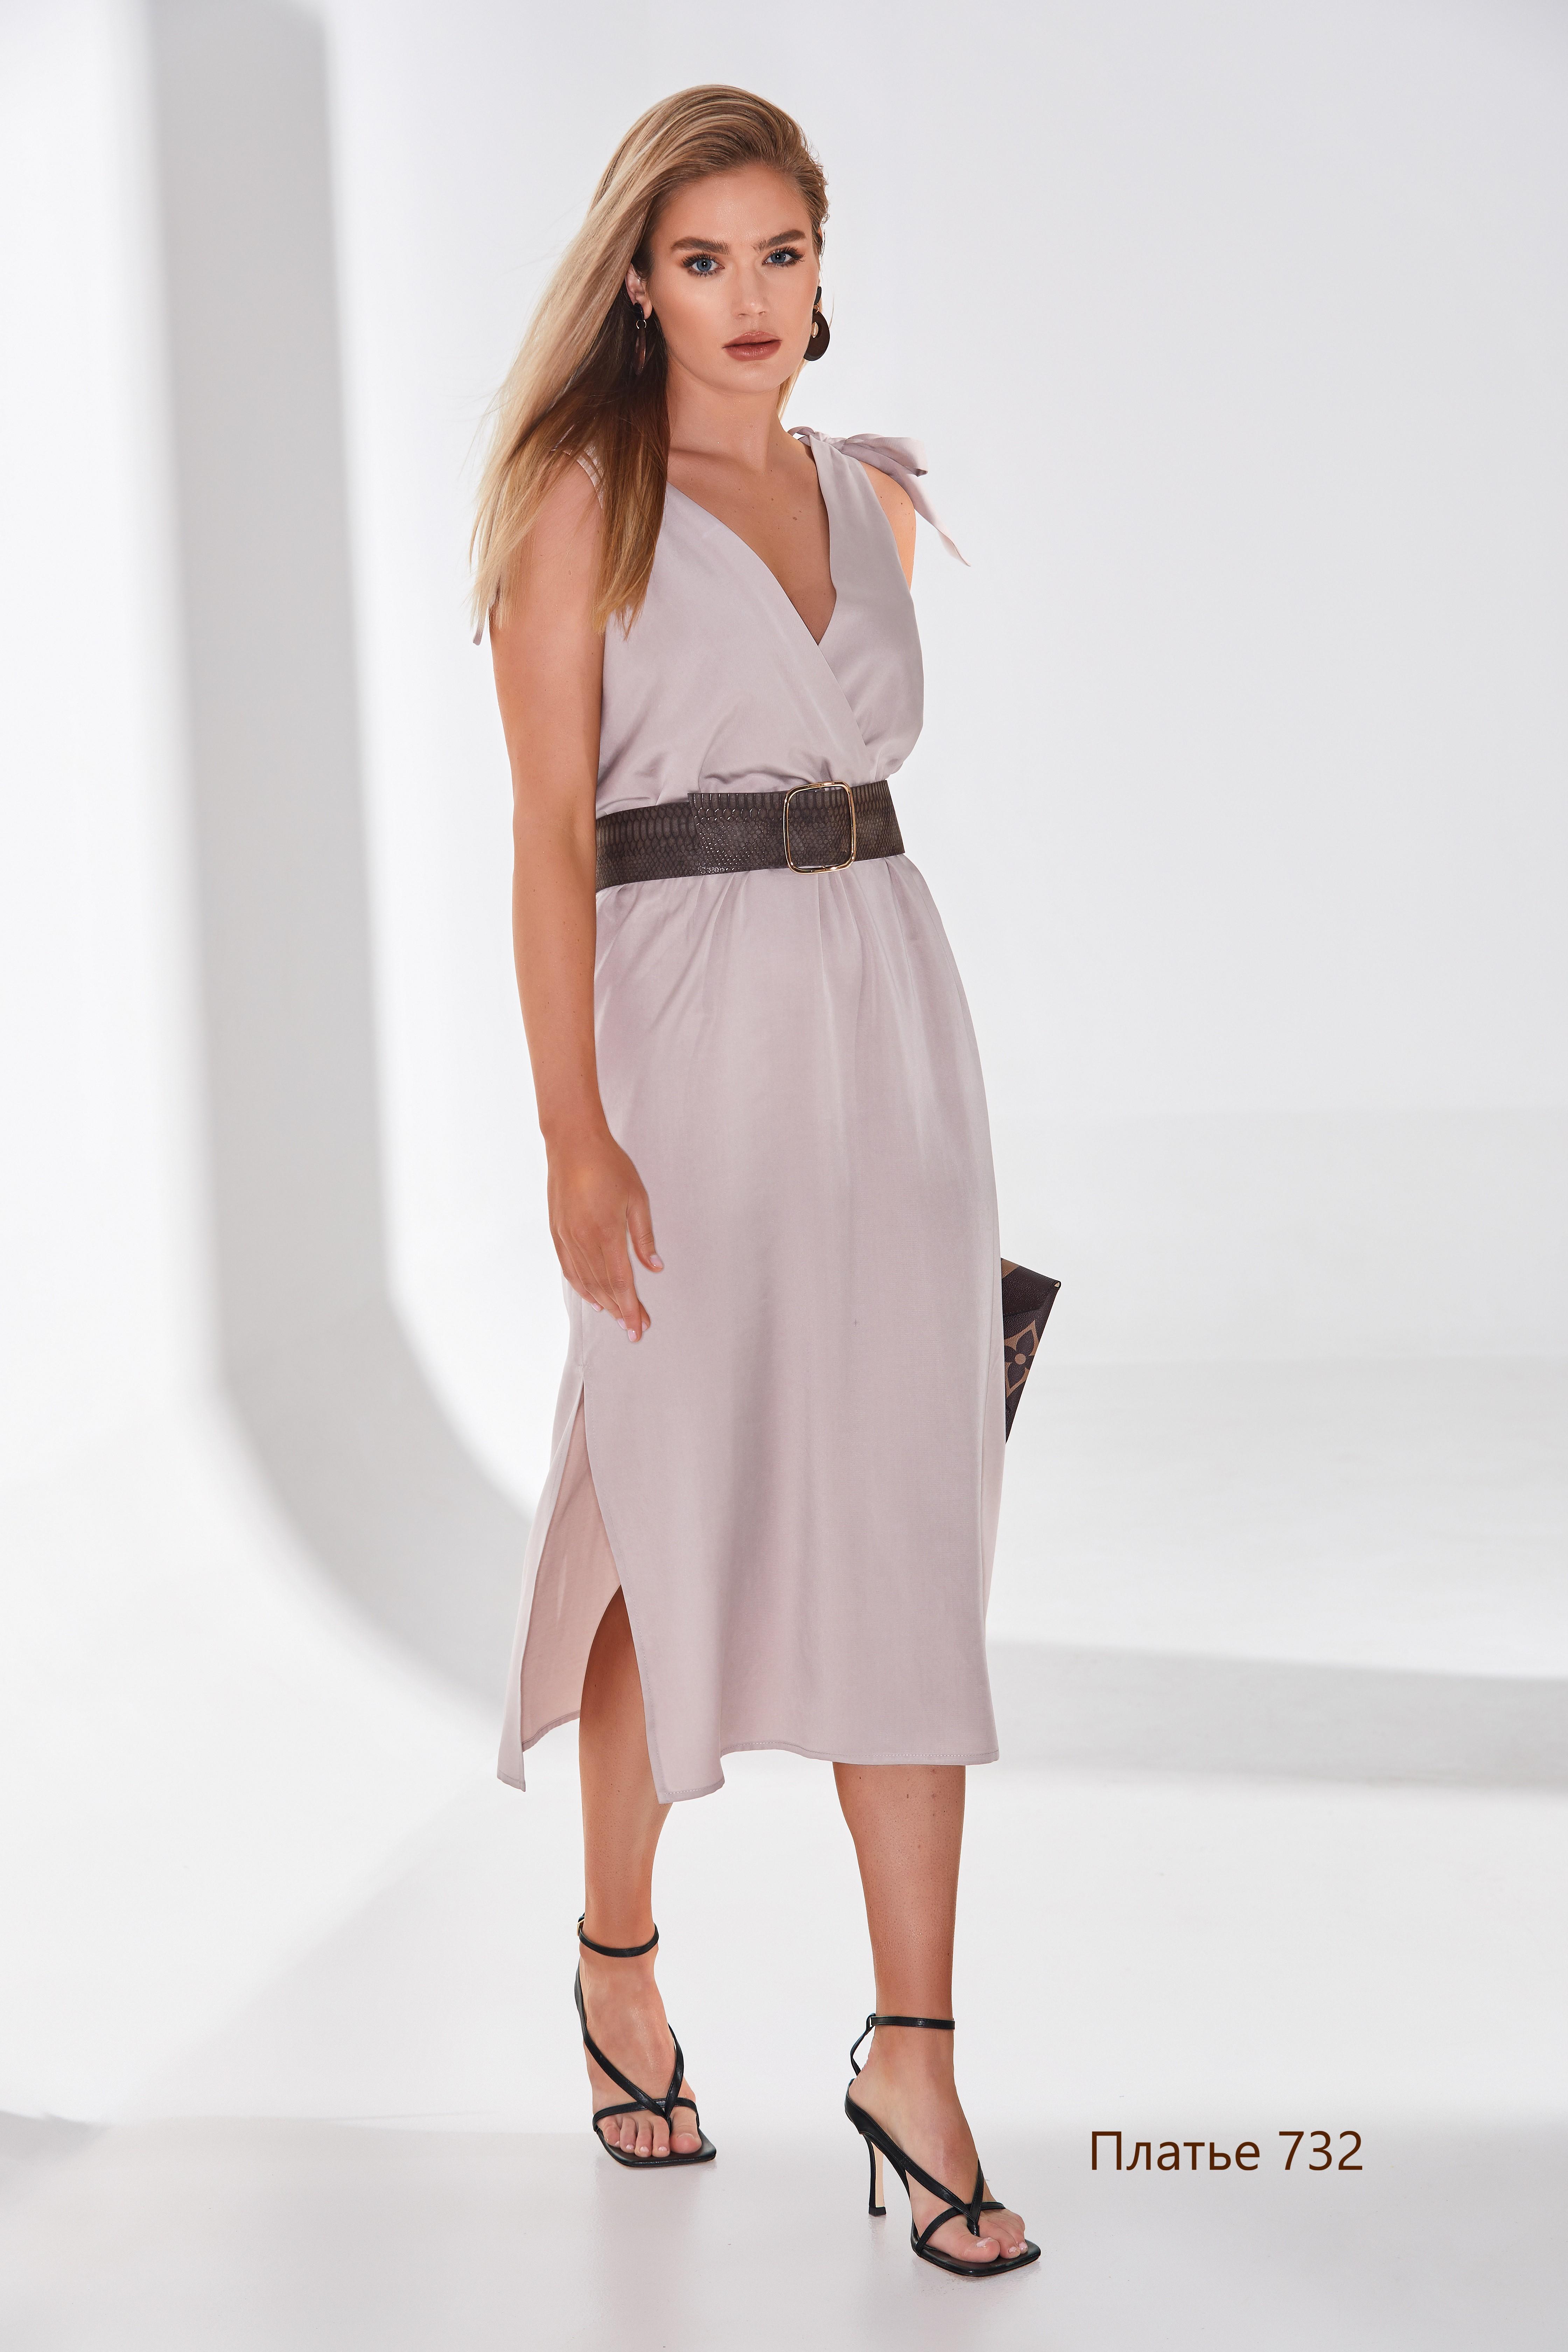 Платье 732 (3)